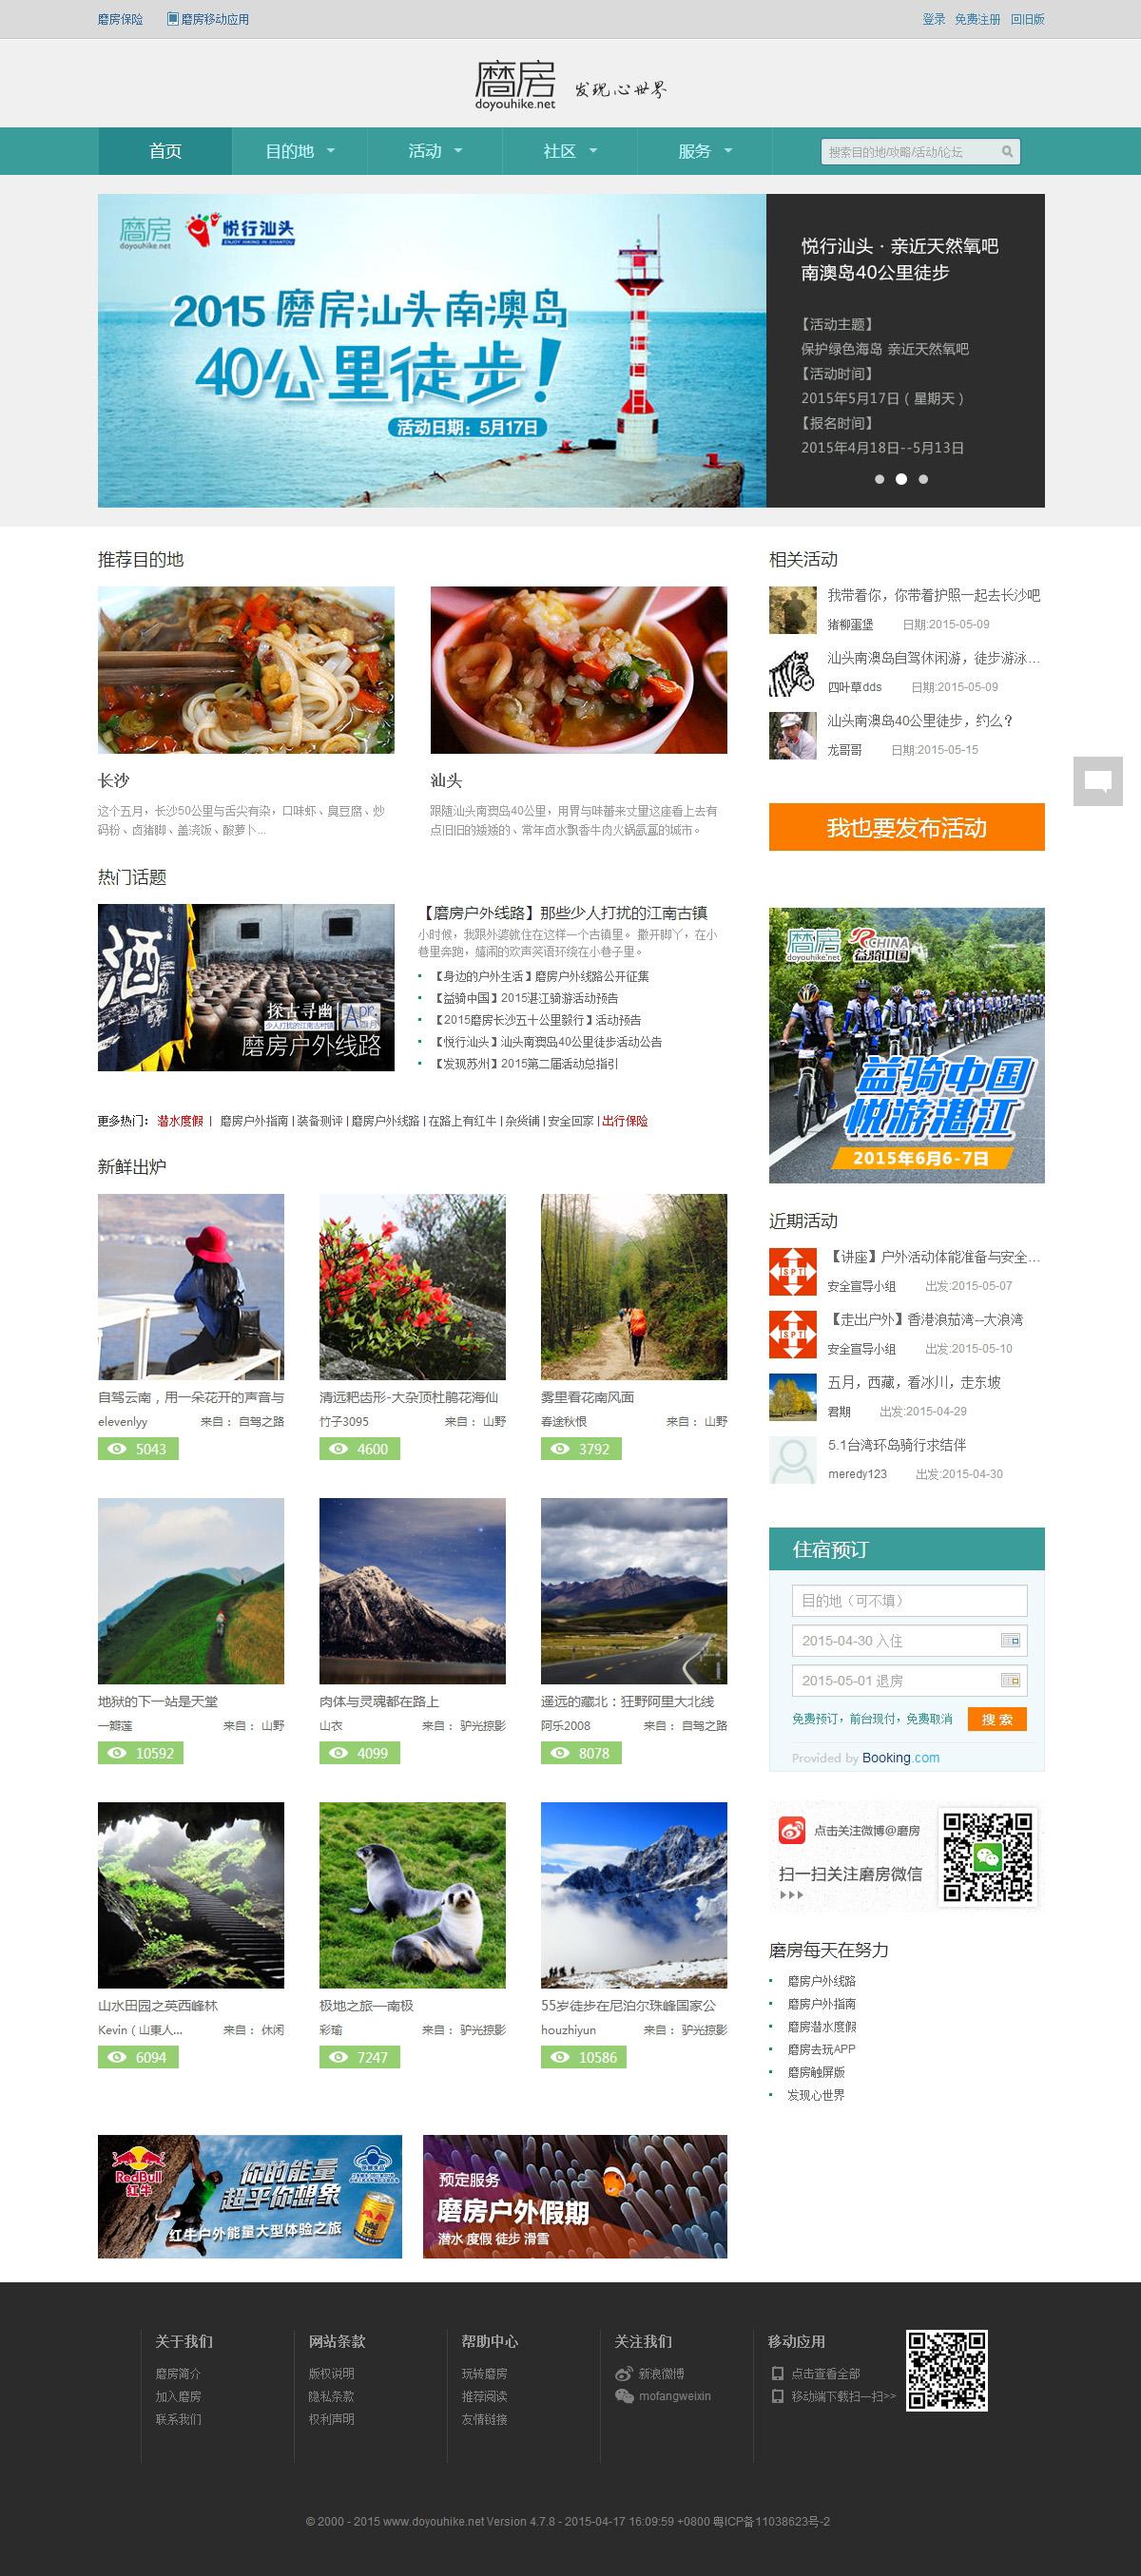 磨房旅游网站网站案例